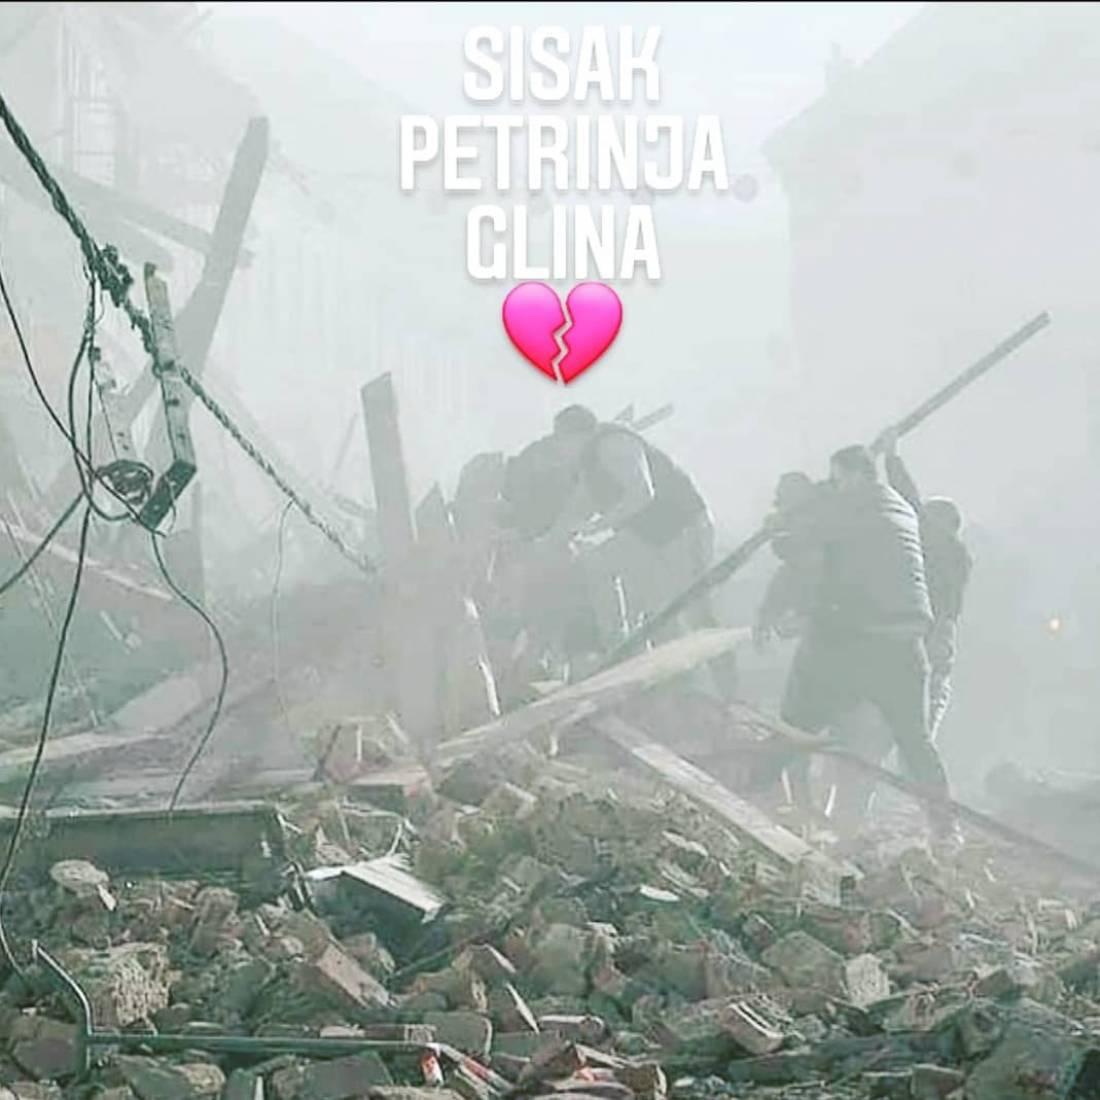 Potres Petrinja, Sisak, Glina - Novosti - LiveCamCroatia, Istra�i Hrvatsku